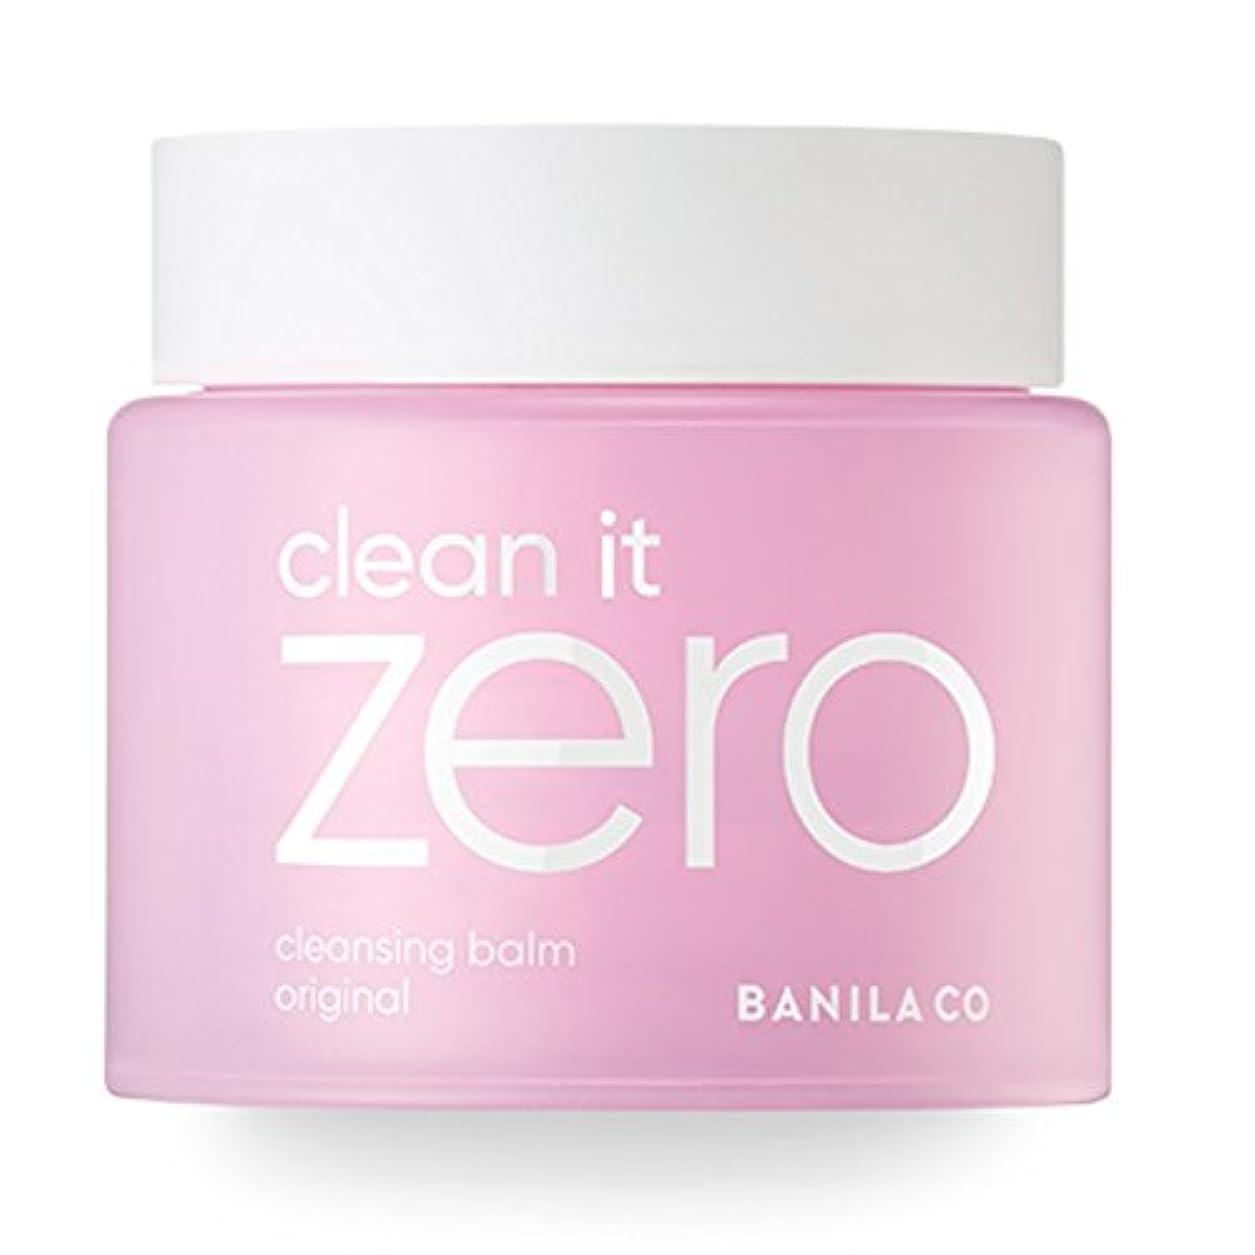 間違いなく郊外なしで[banila co.] Clean It Zero 100ml (sherbet cleanser) (Clean It Zero Ultra Size 180ml (Original))